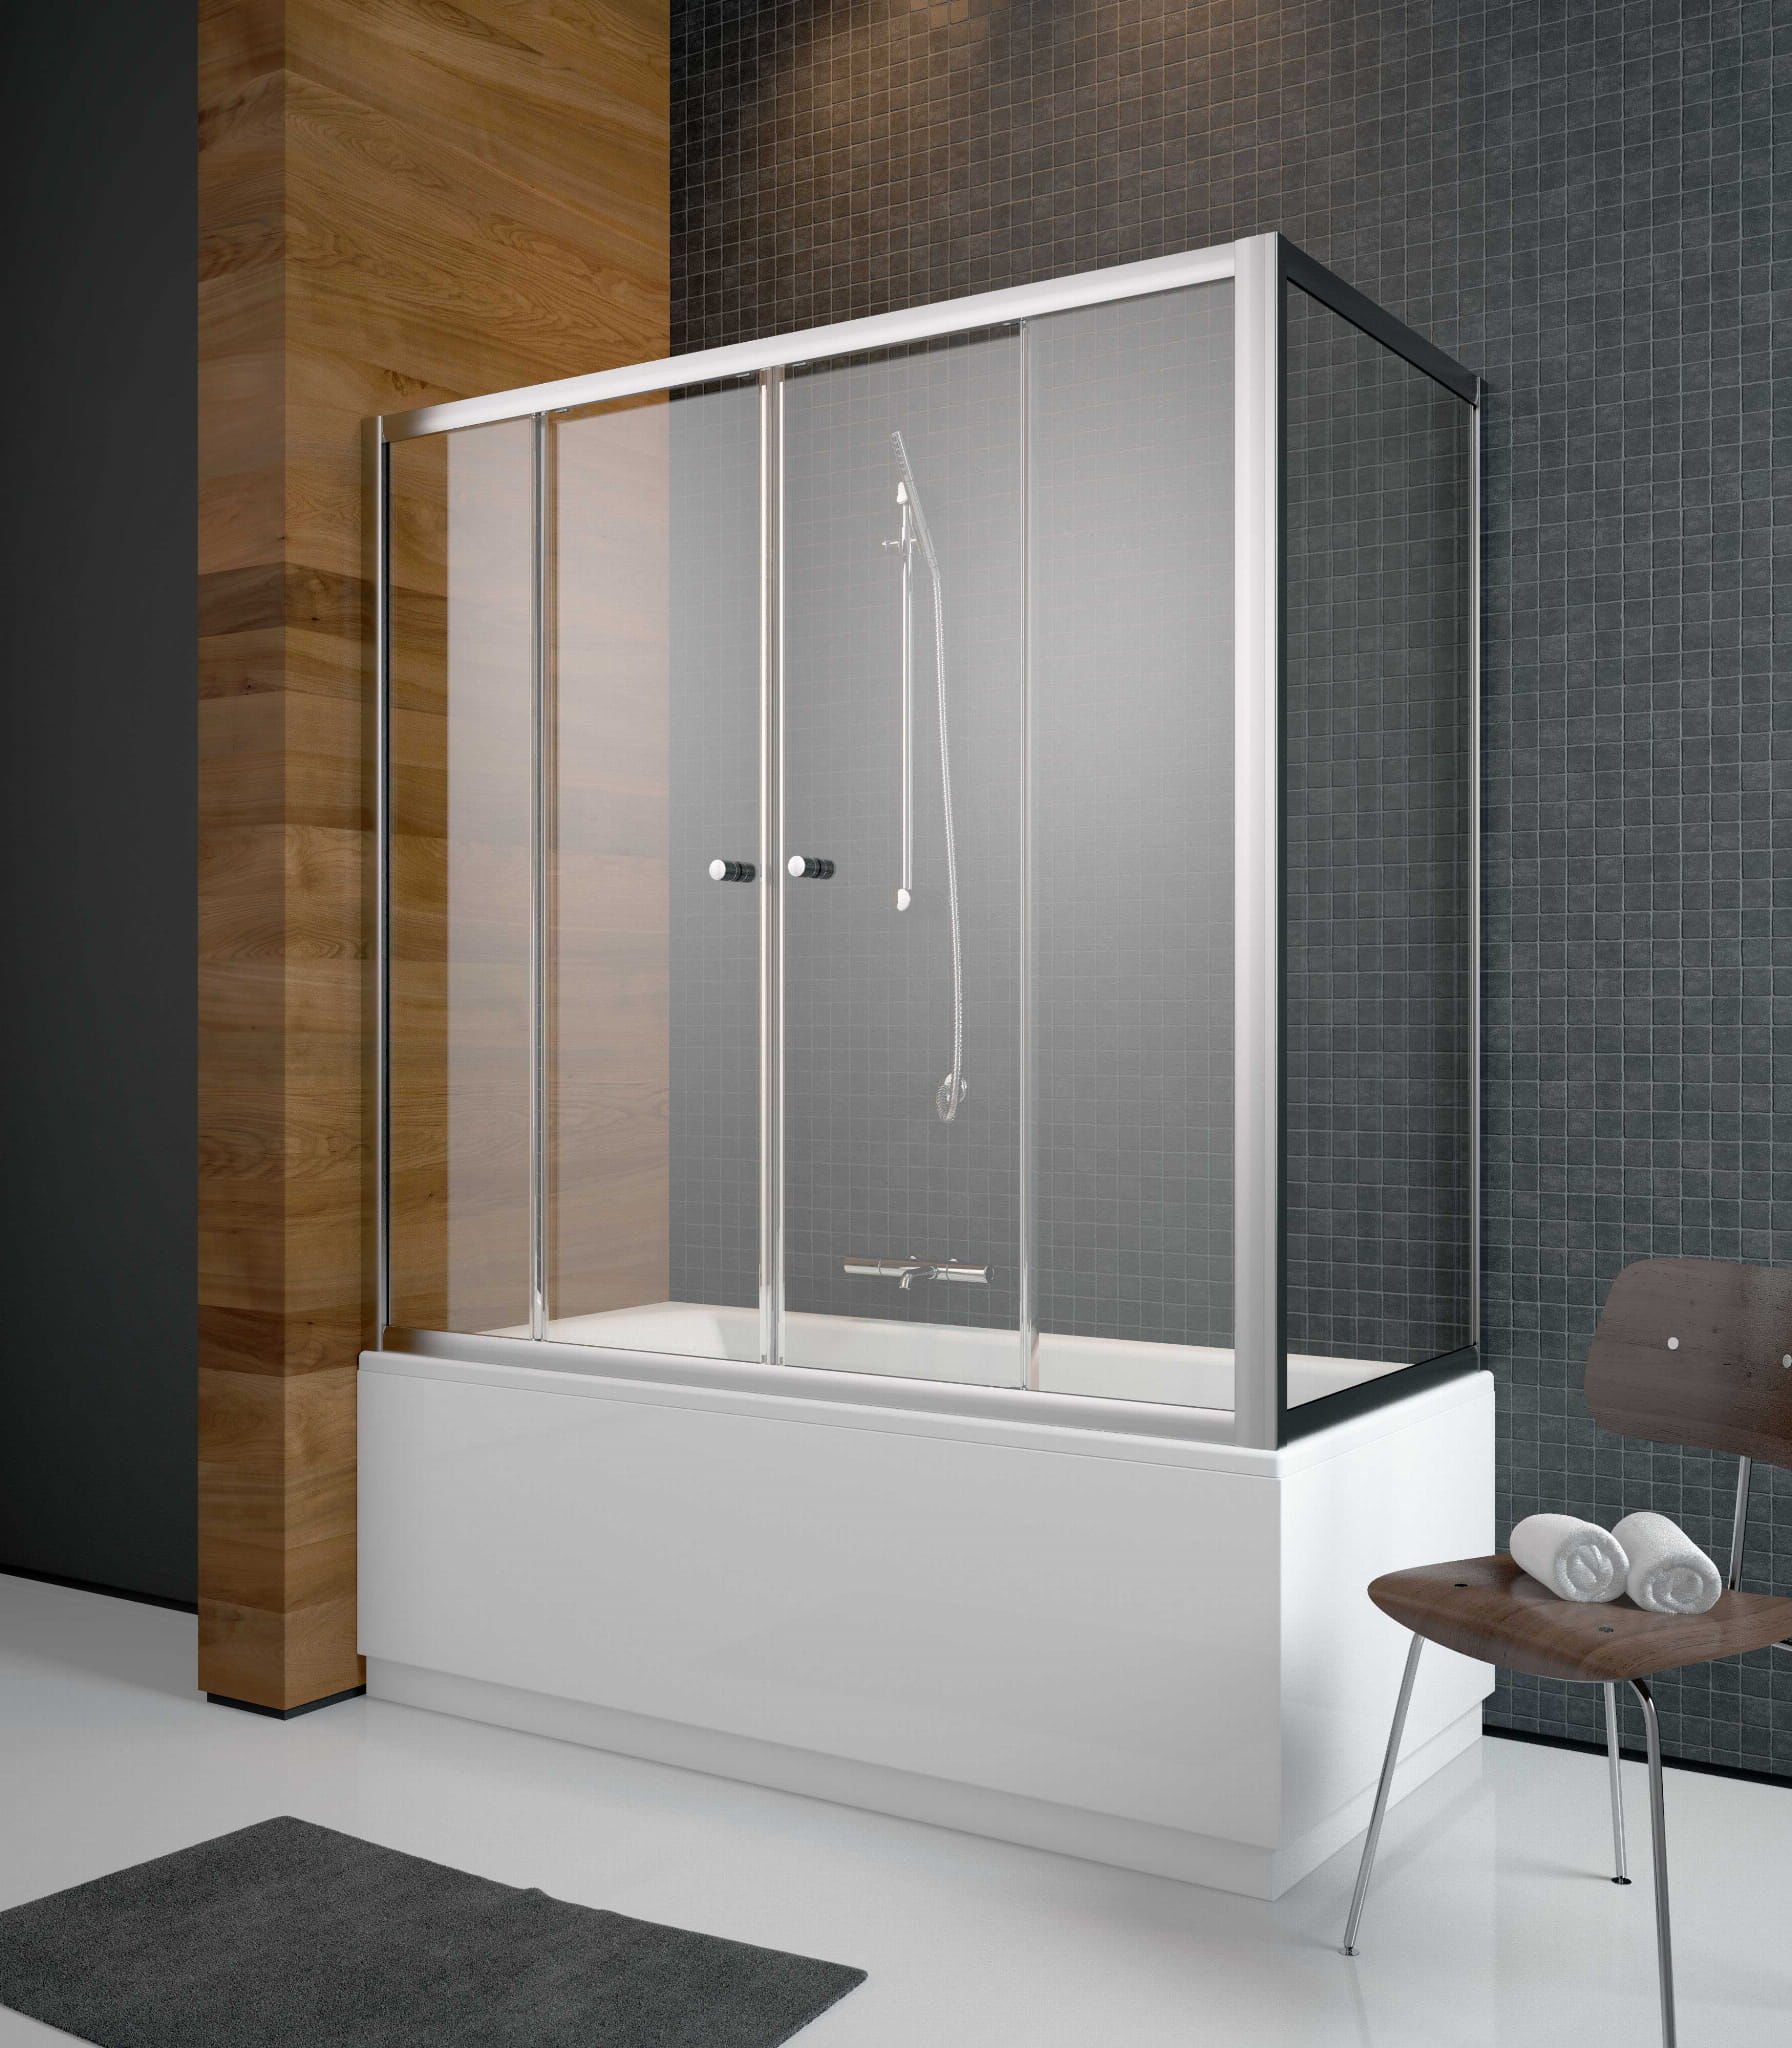 Radaway zabudowa nawannowa Vesta DWD+S 180 x 80, szkło przejrzyste, wys. 150 cm 203180-01/204080-01